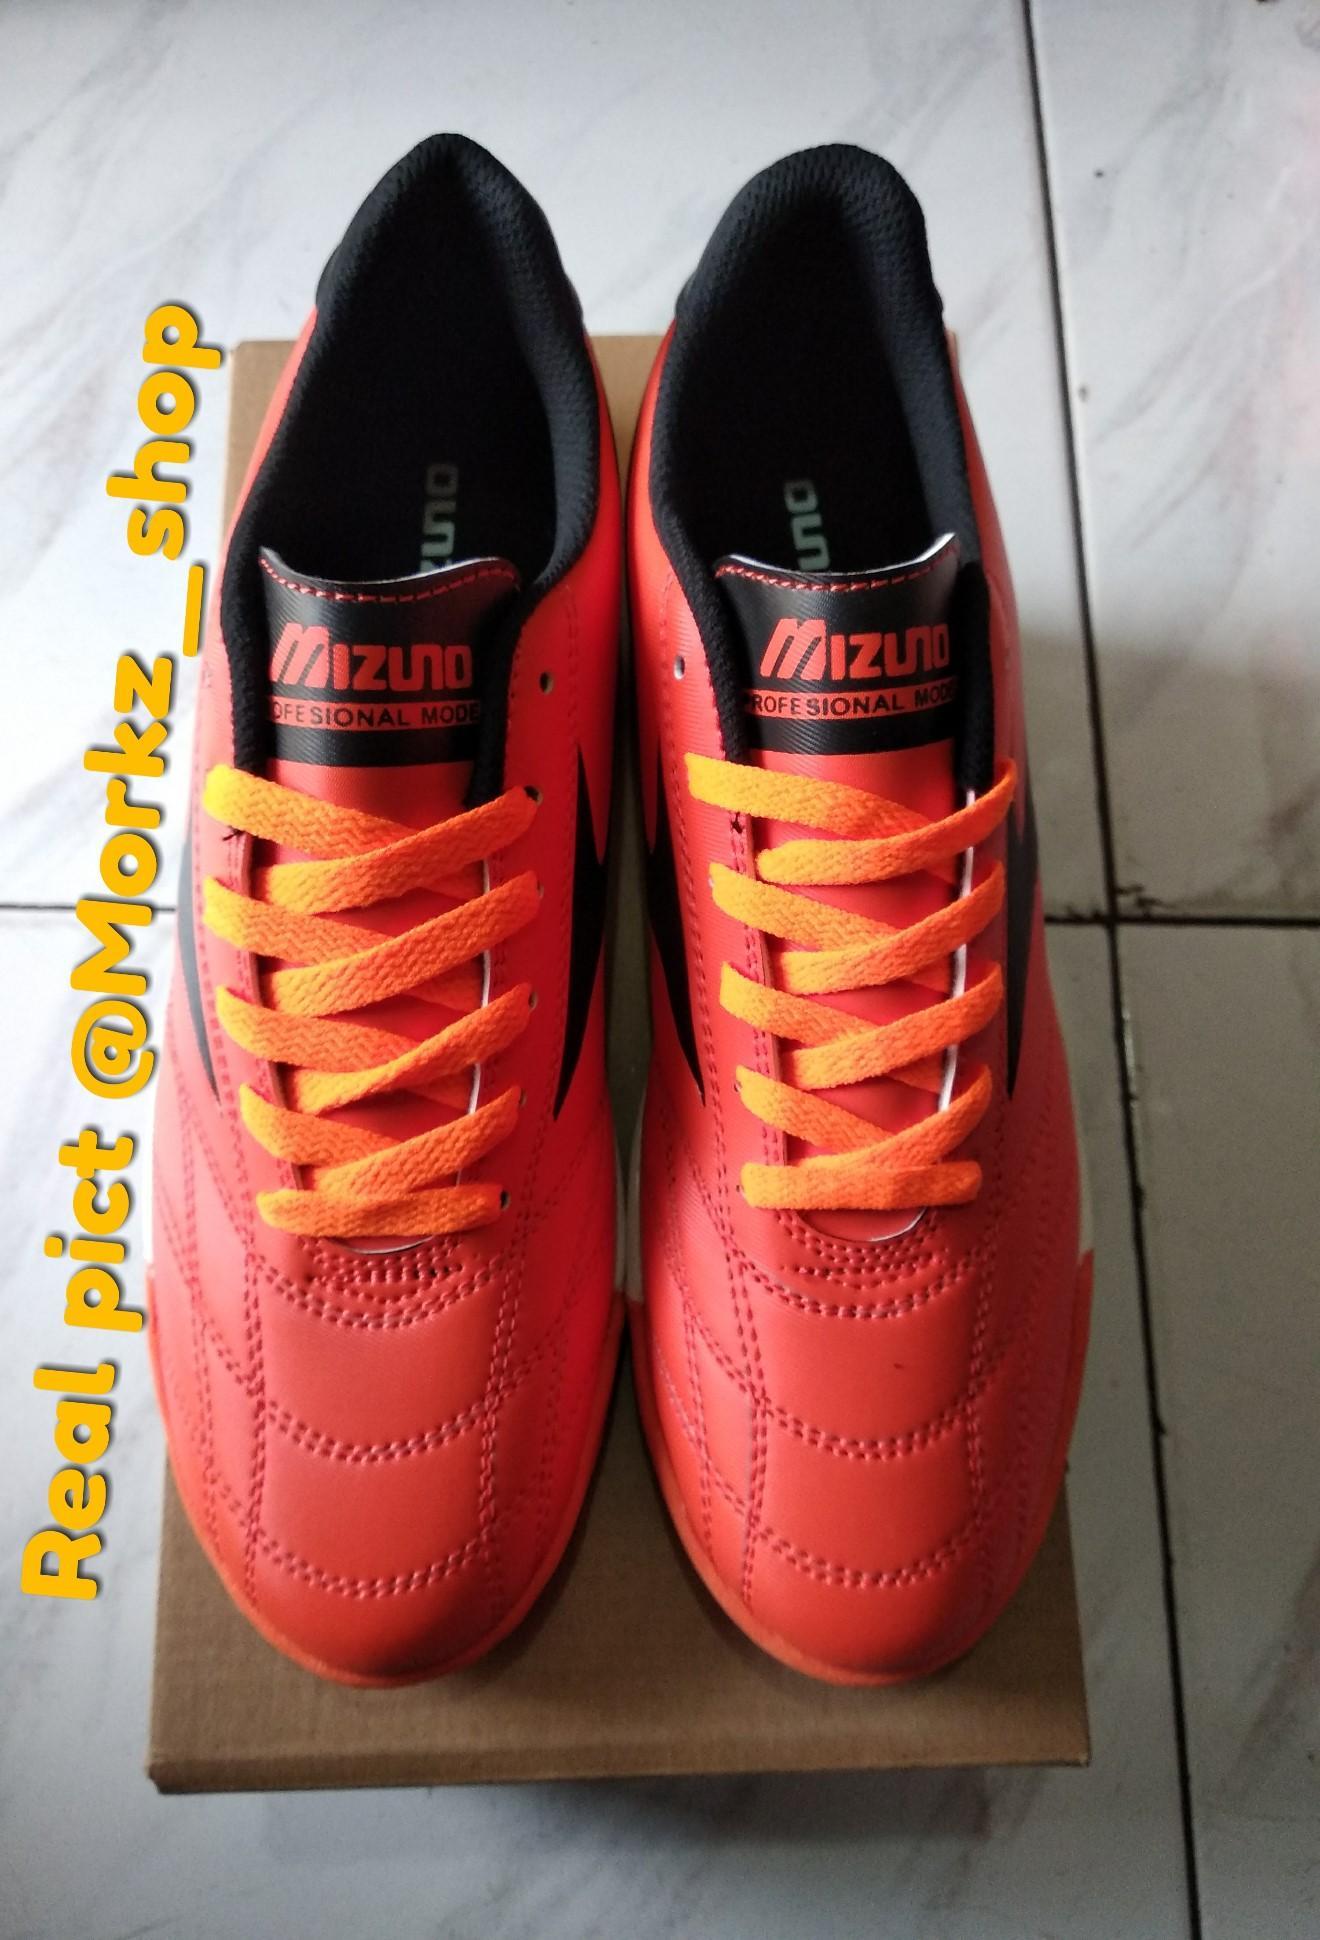 Bandingkan Harga Sepatu Mizuno Yang Keren Terbaru - BhinekaShop 88f0c54b6d